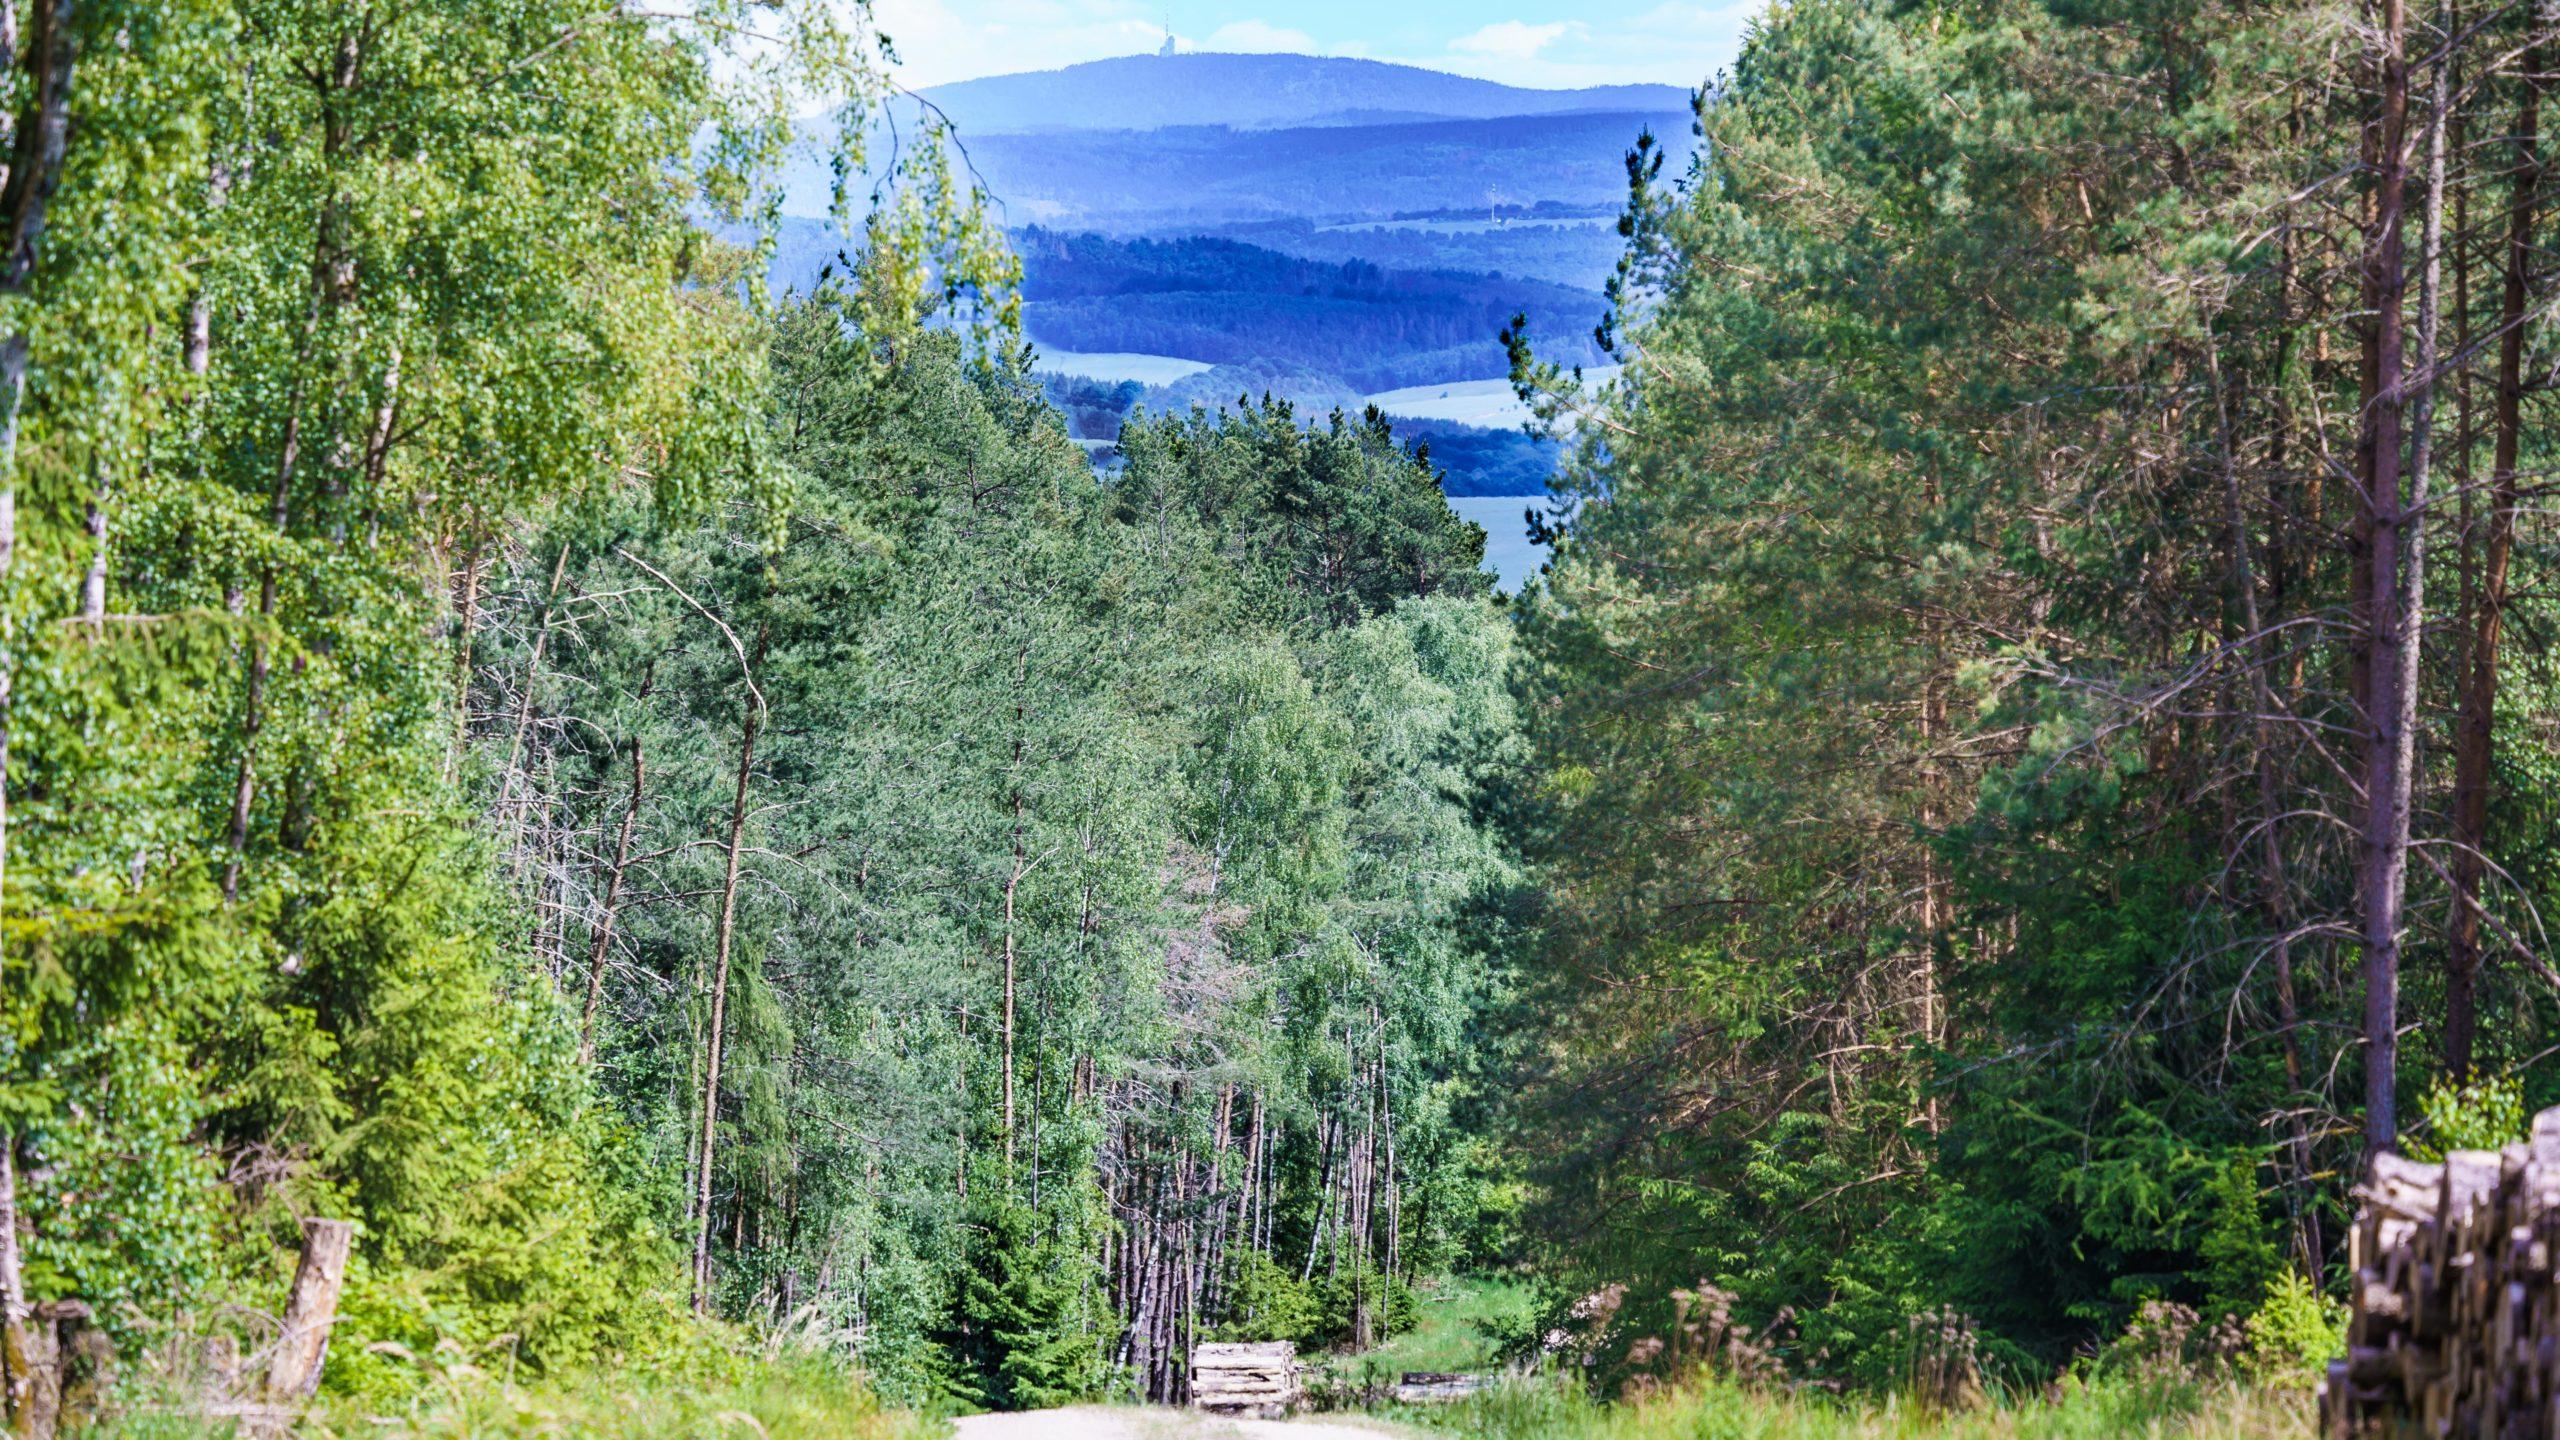 Grenzweg Gerstunger Forst, Blick zum Großen Inselsberg auf dem Kolonnenweg vom Stillmes kommend zum Fuldaischen Berg